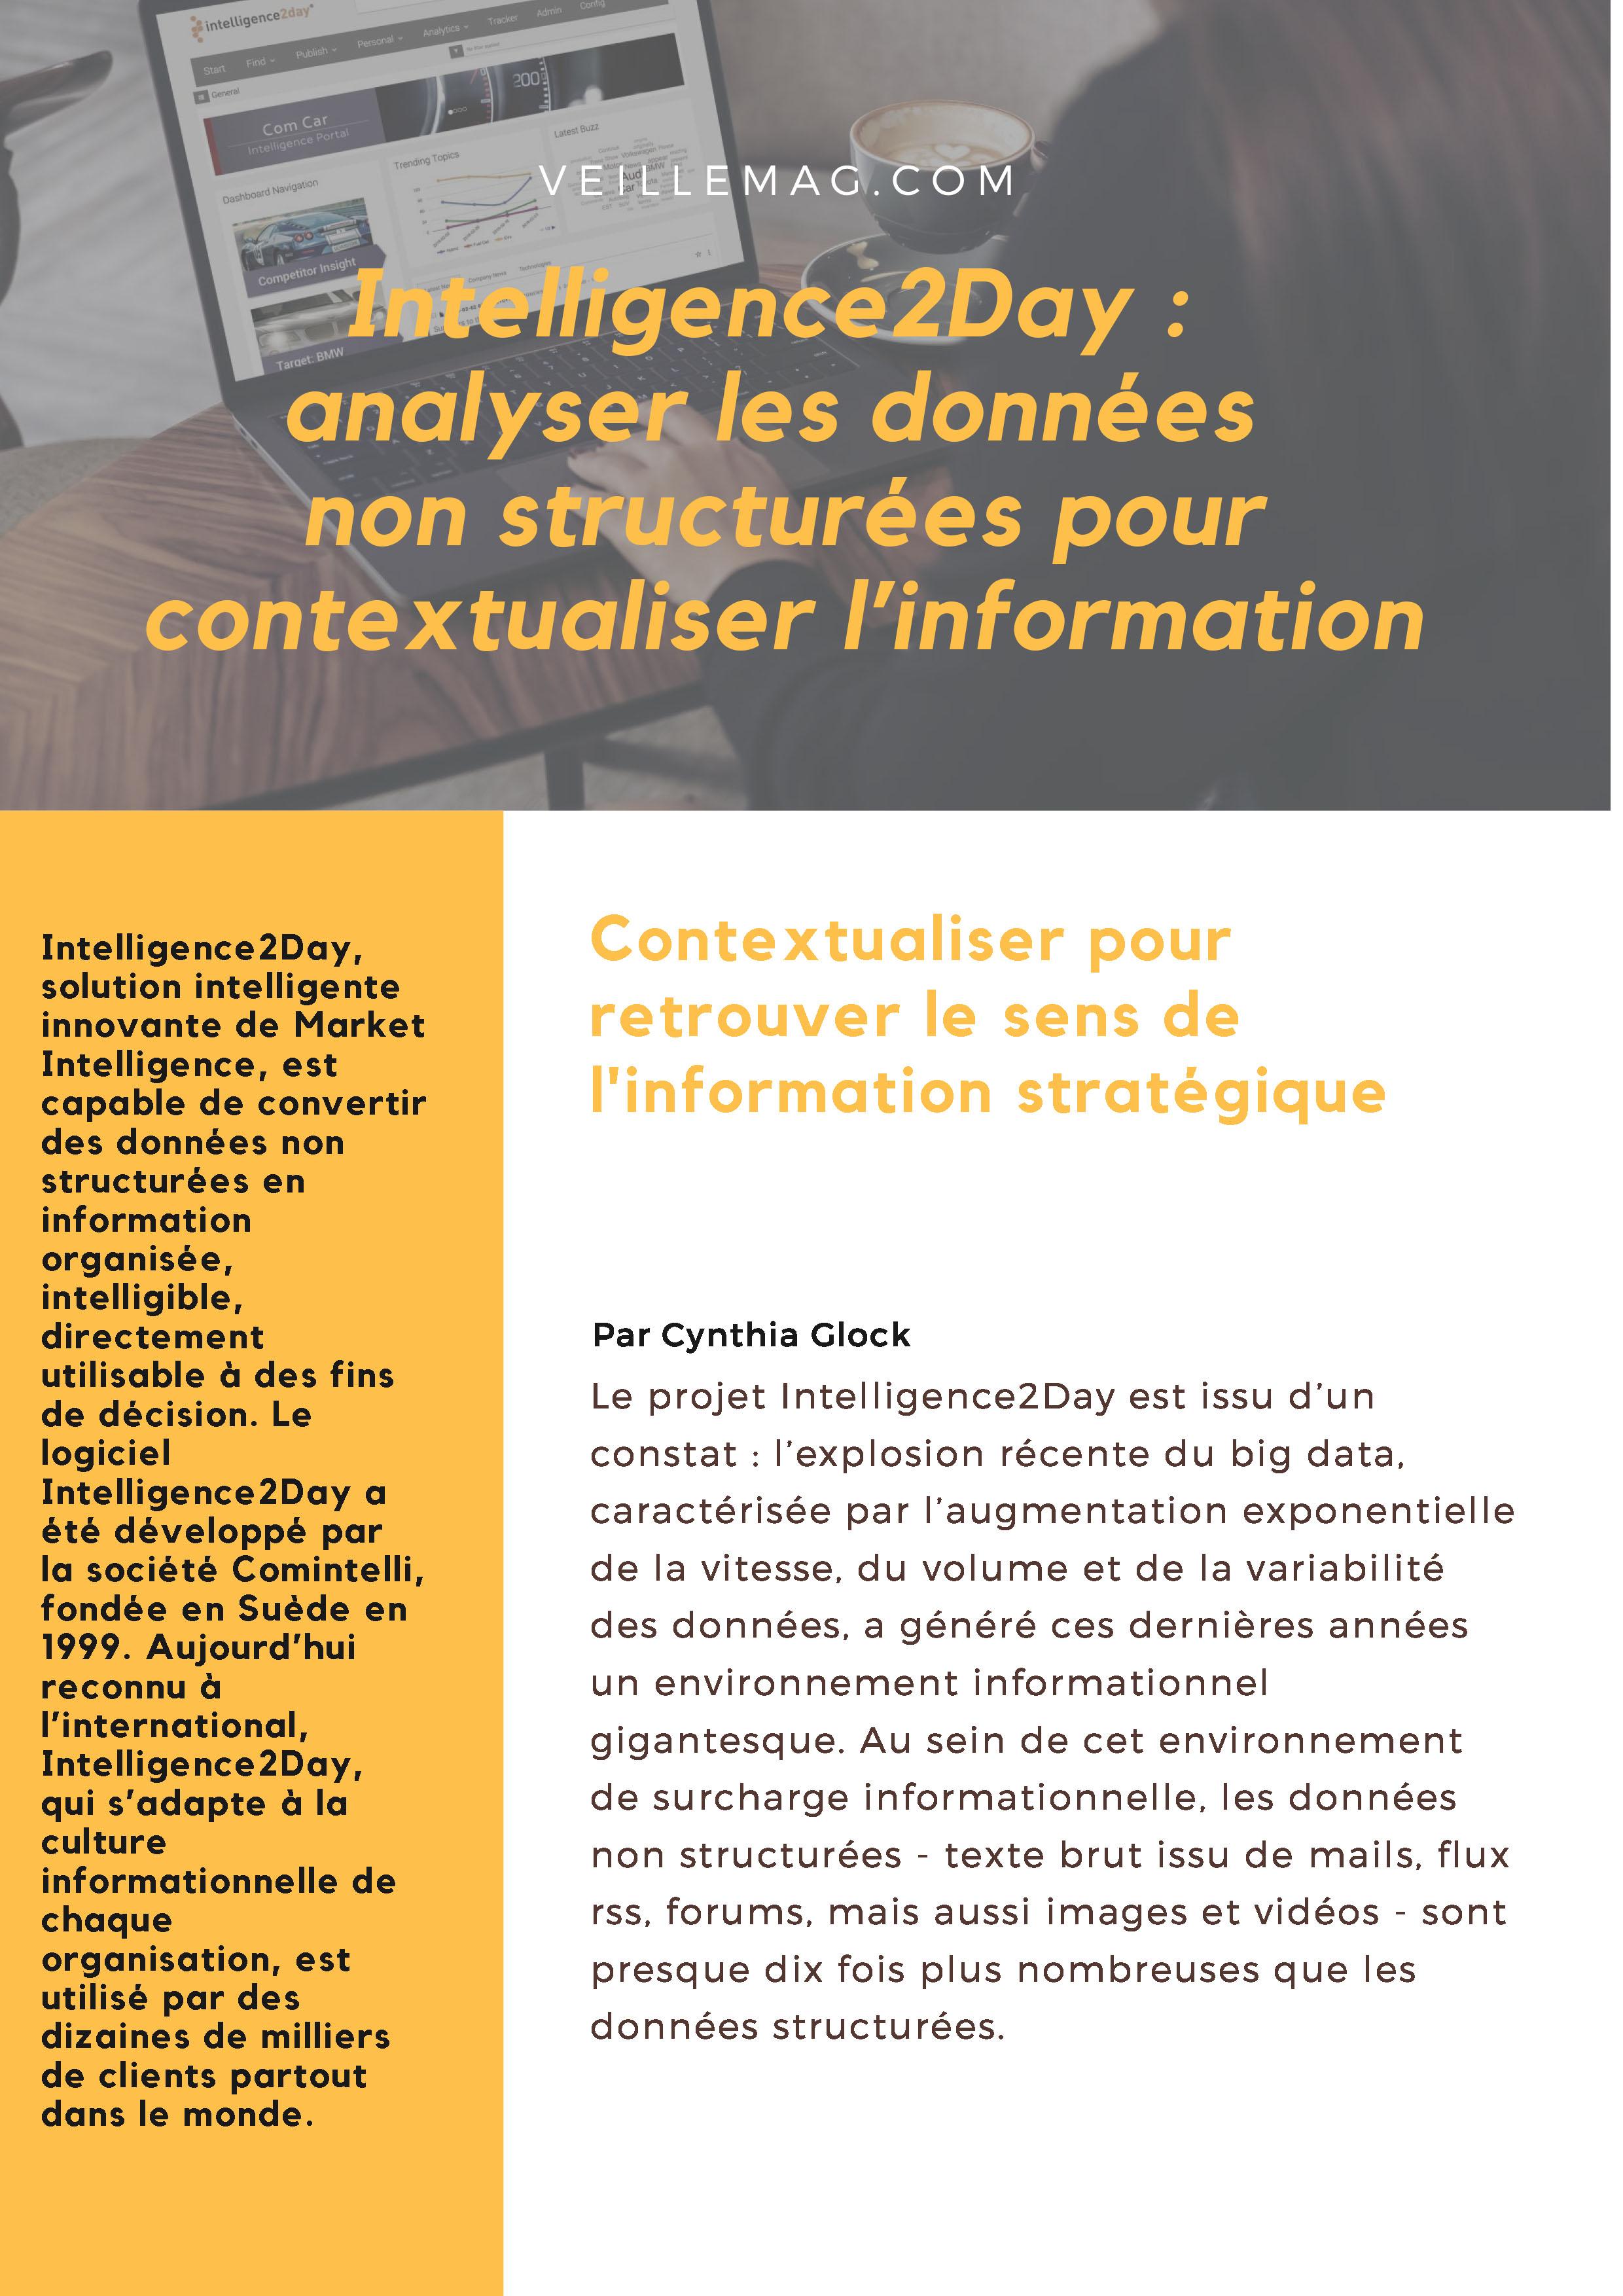 AVIS D'EXPERT. LA VEILLE NÉCESSITE LE TRAITEMENT DE L'INFORMATION CONTEXTUALISÉE. Alain Beauvieux.